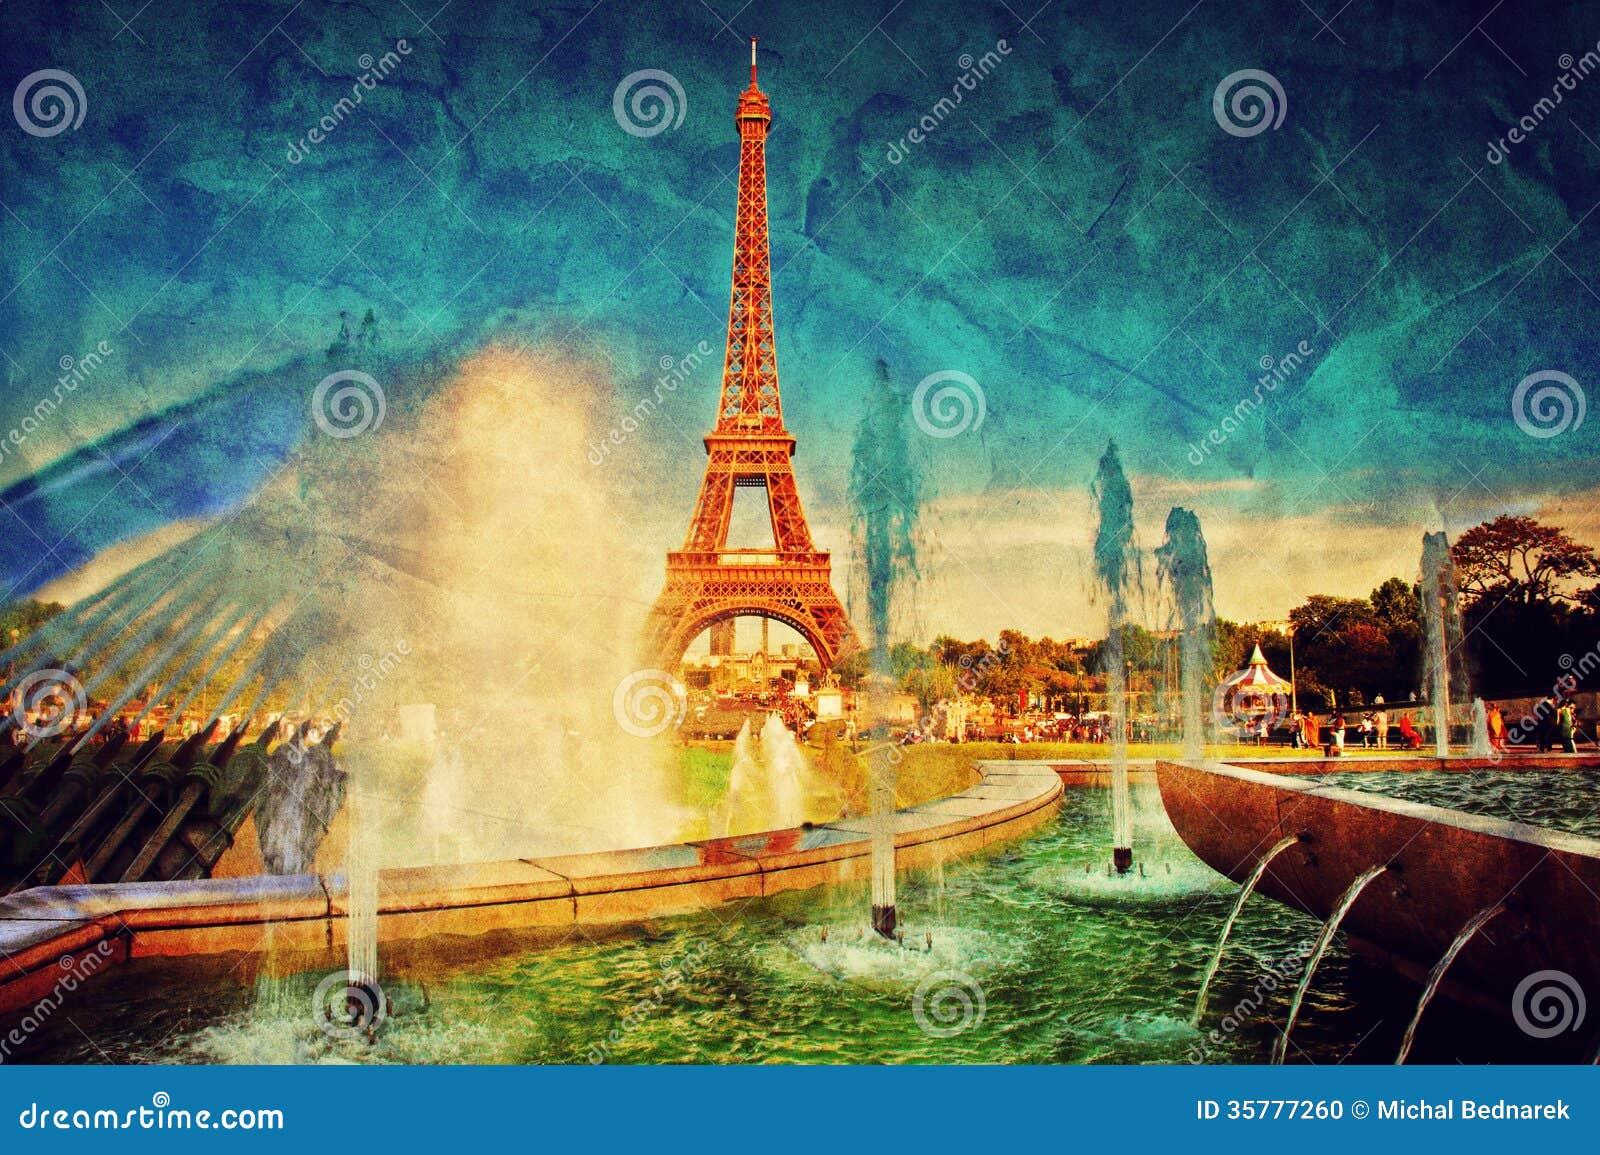 Torre Eiffel y fuente, París, Francia. Vintage